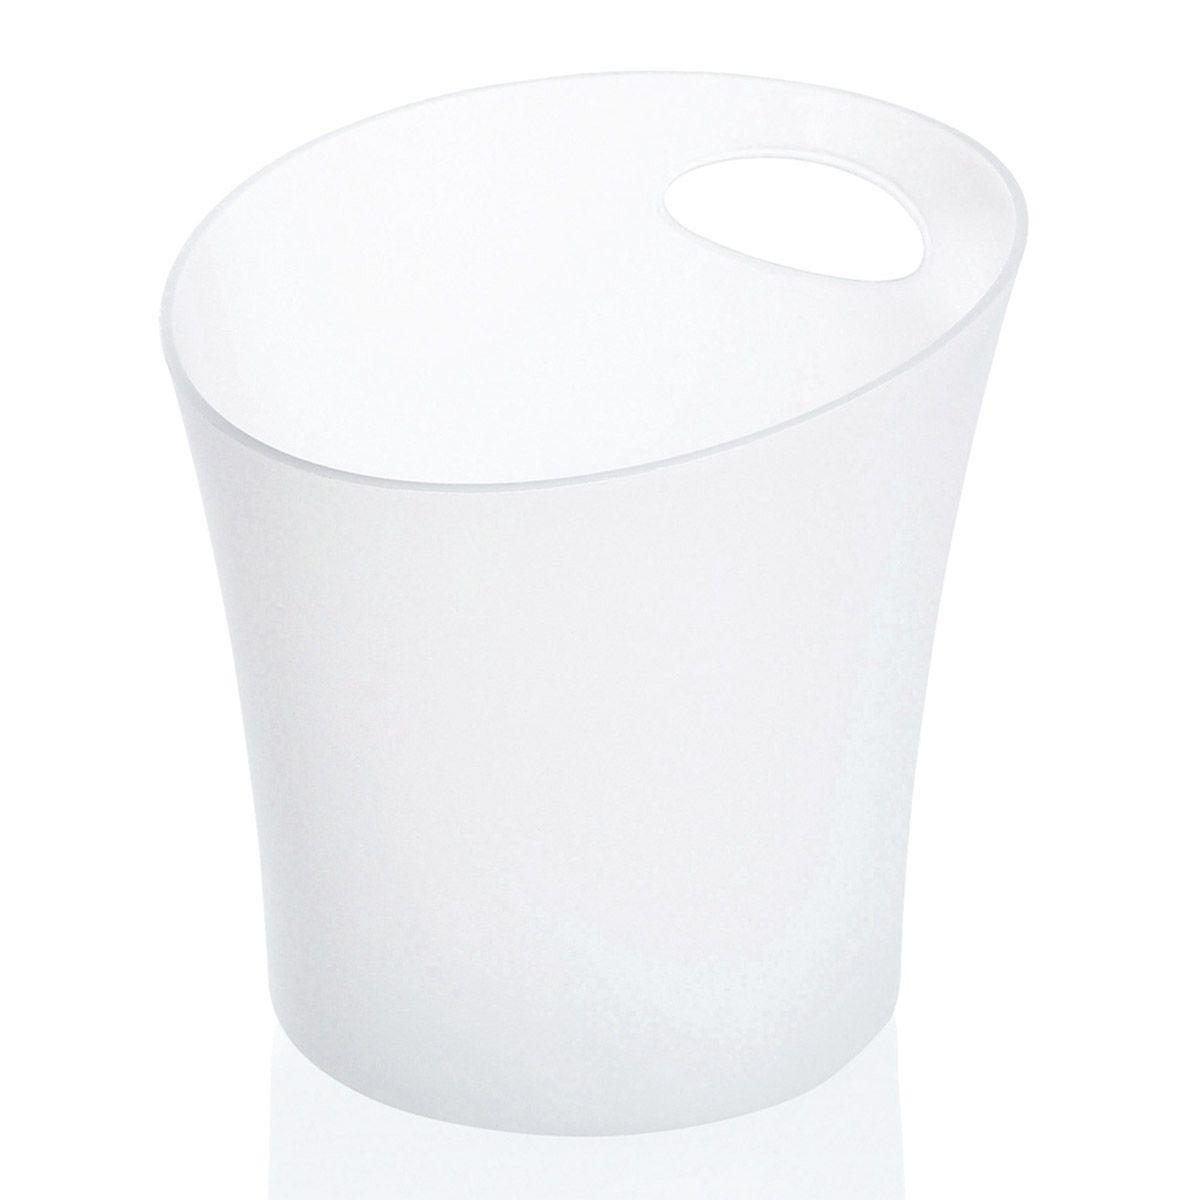 Balde Para Champanhe 3,5L Plástico Transparente - Ou